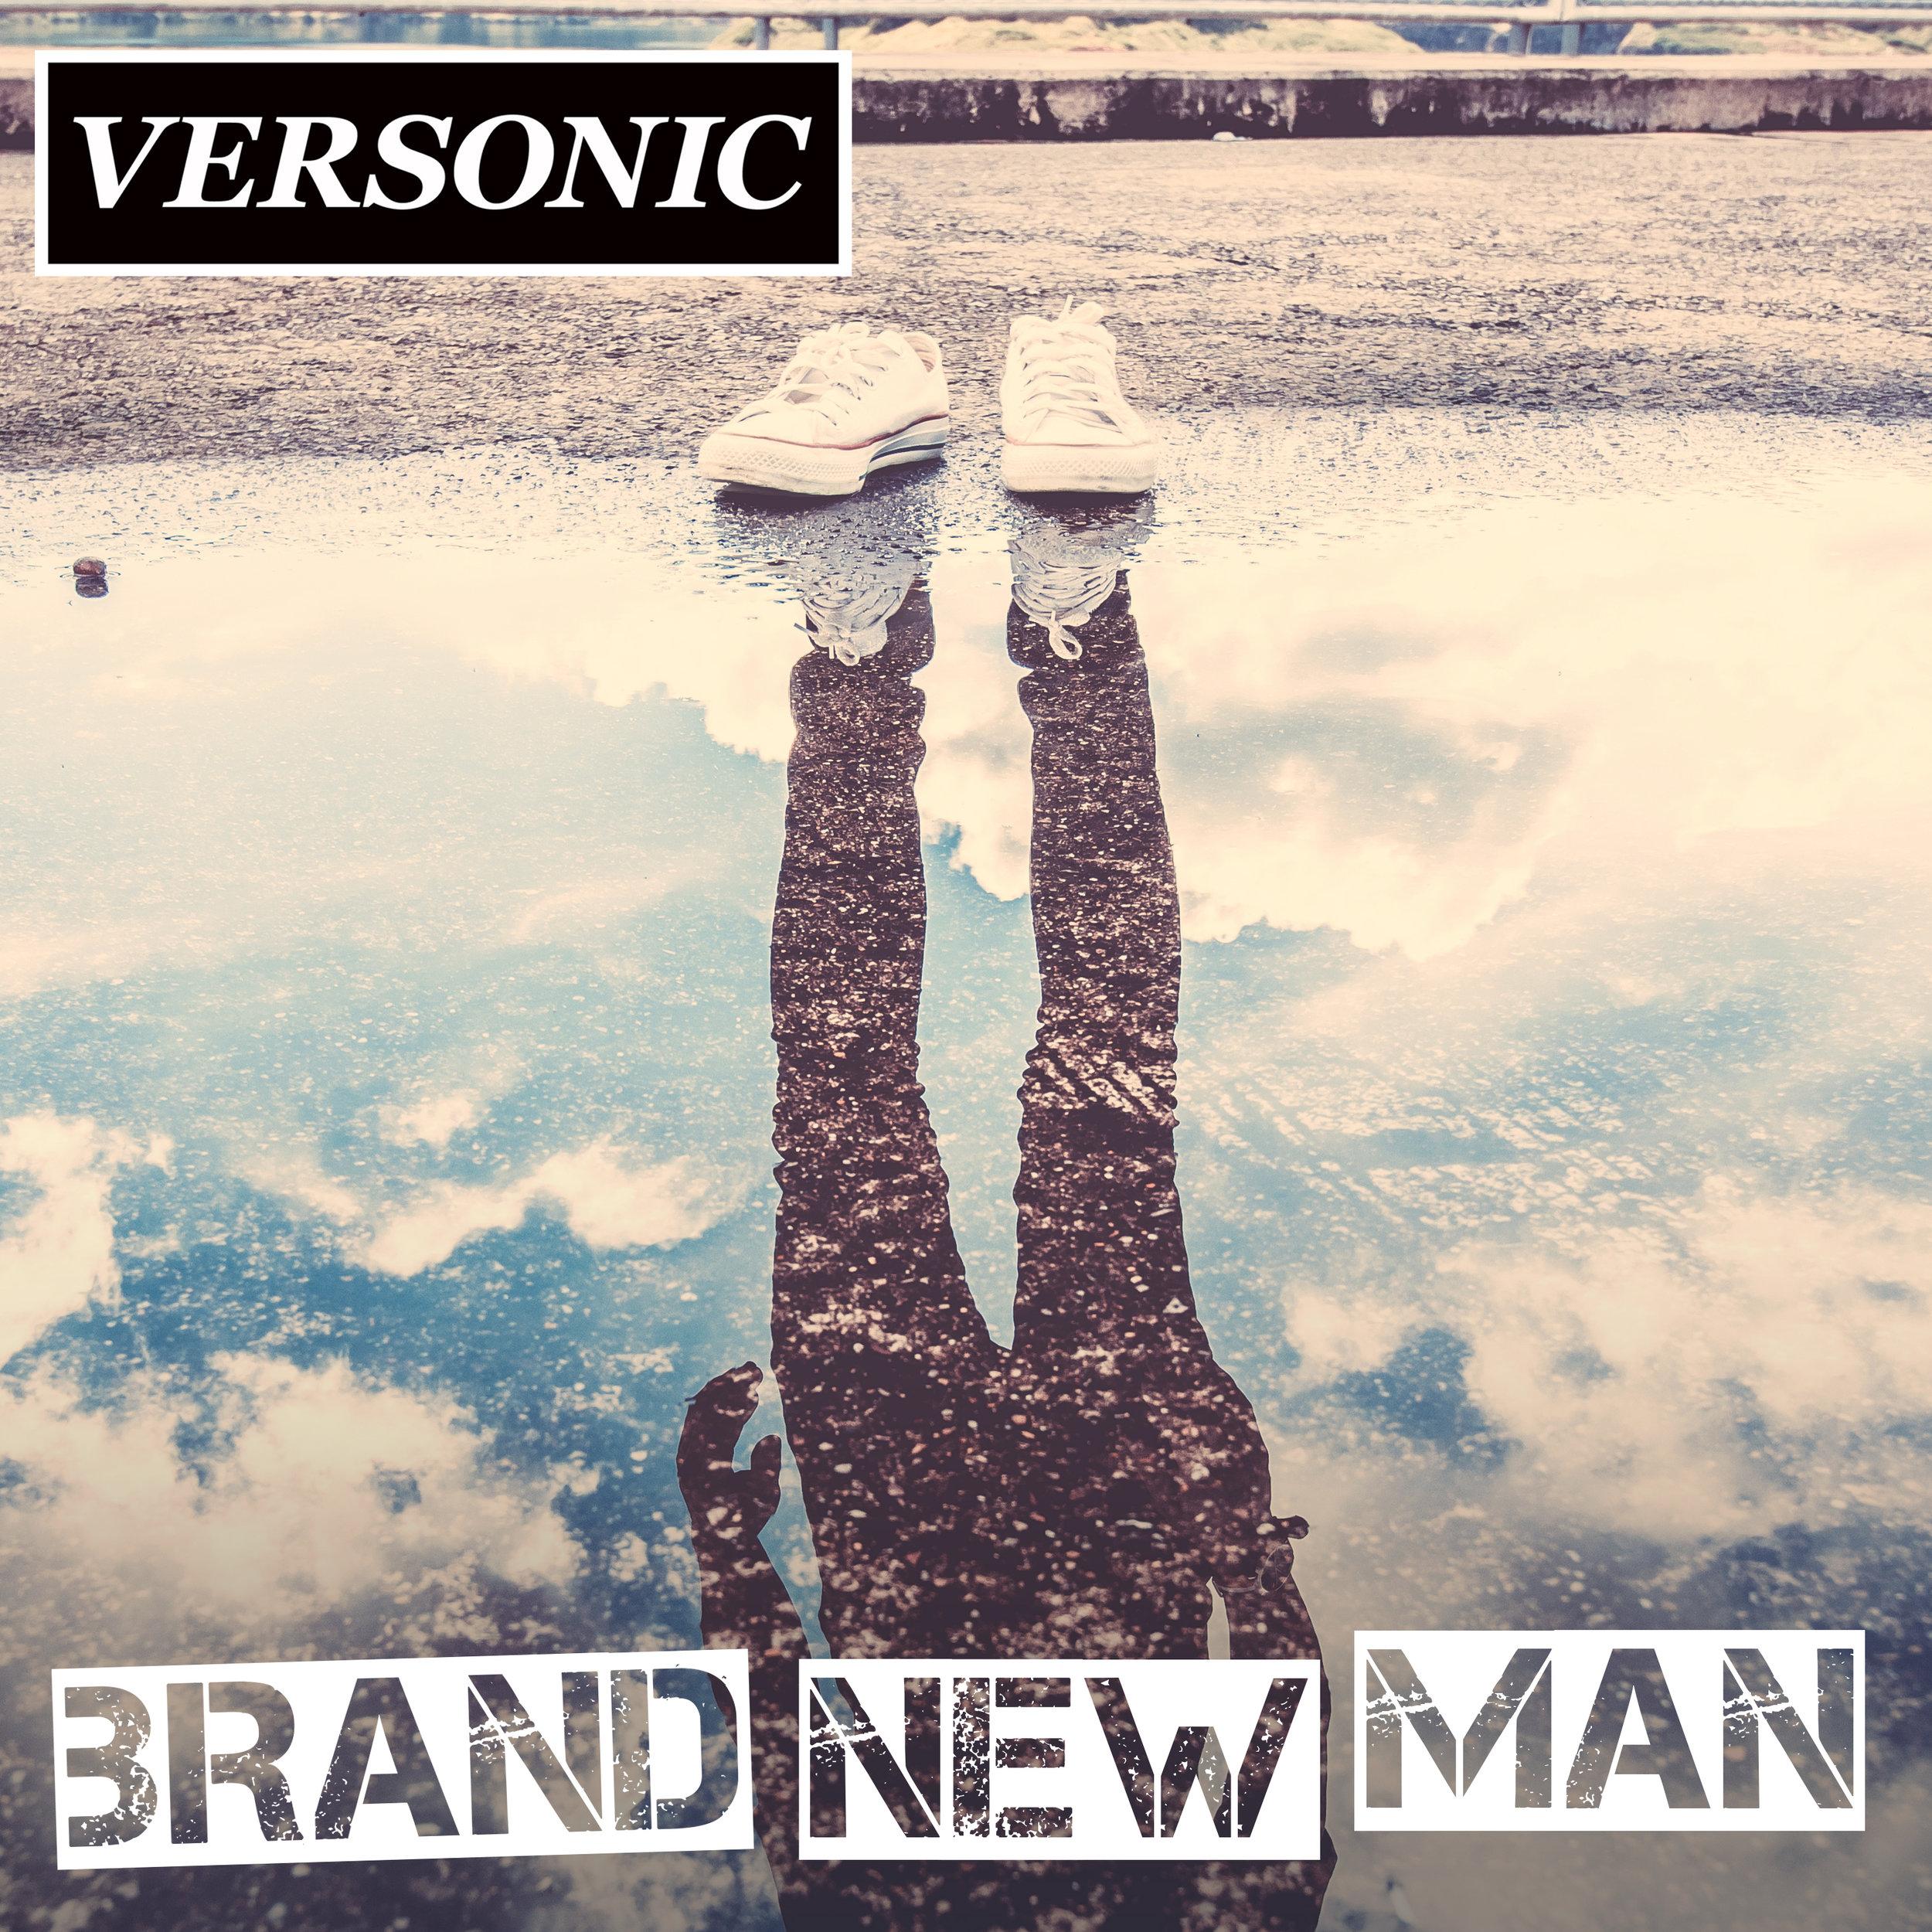 BRAND NEW MAN ALBUM COVER.jpg